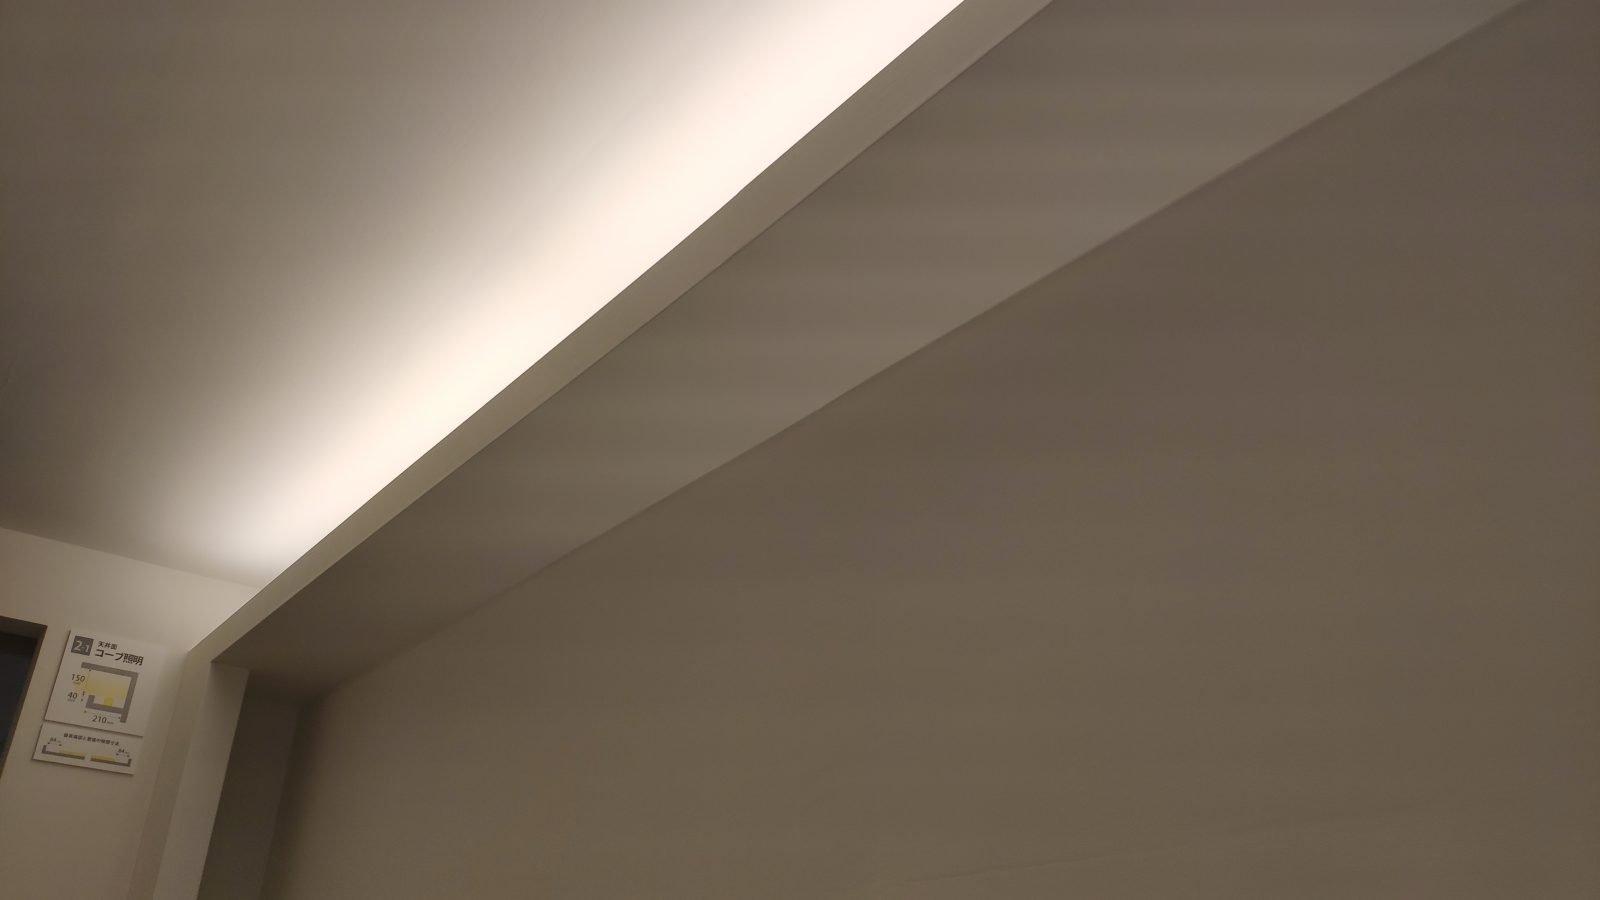 コーブ照明の収まり(実際は全体的にもっと明るく見えます)